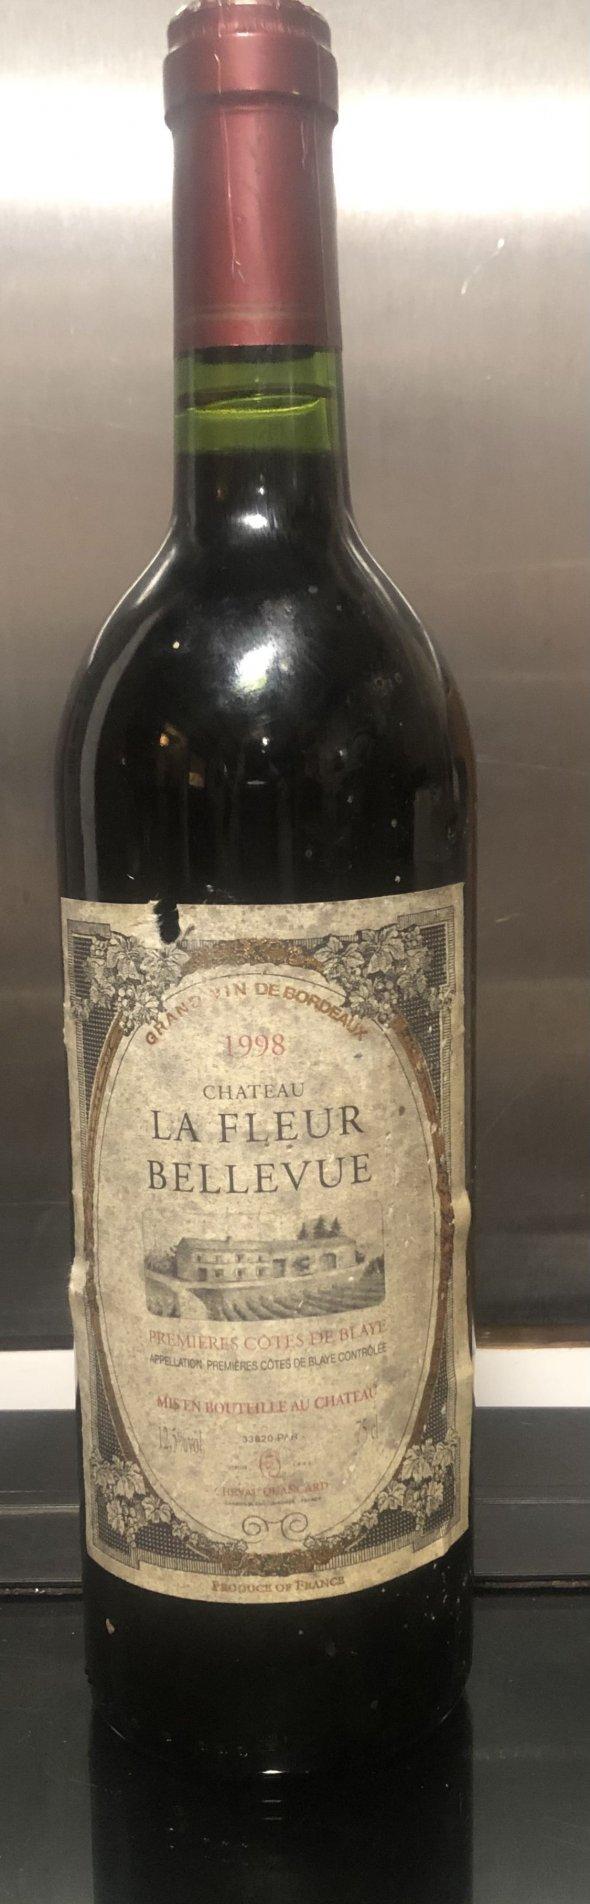 Chateau la fleur bellevue 1998 grand vin de Bordeaux